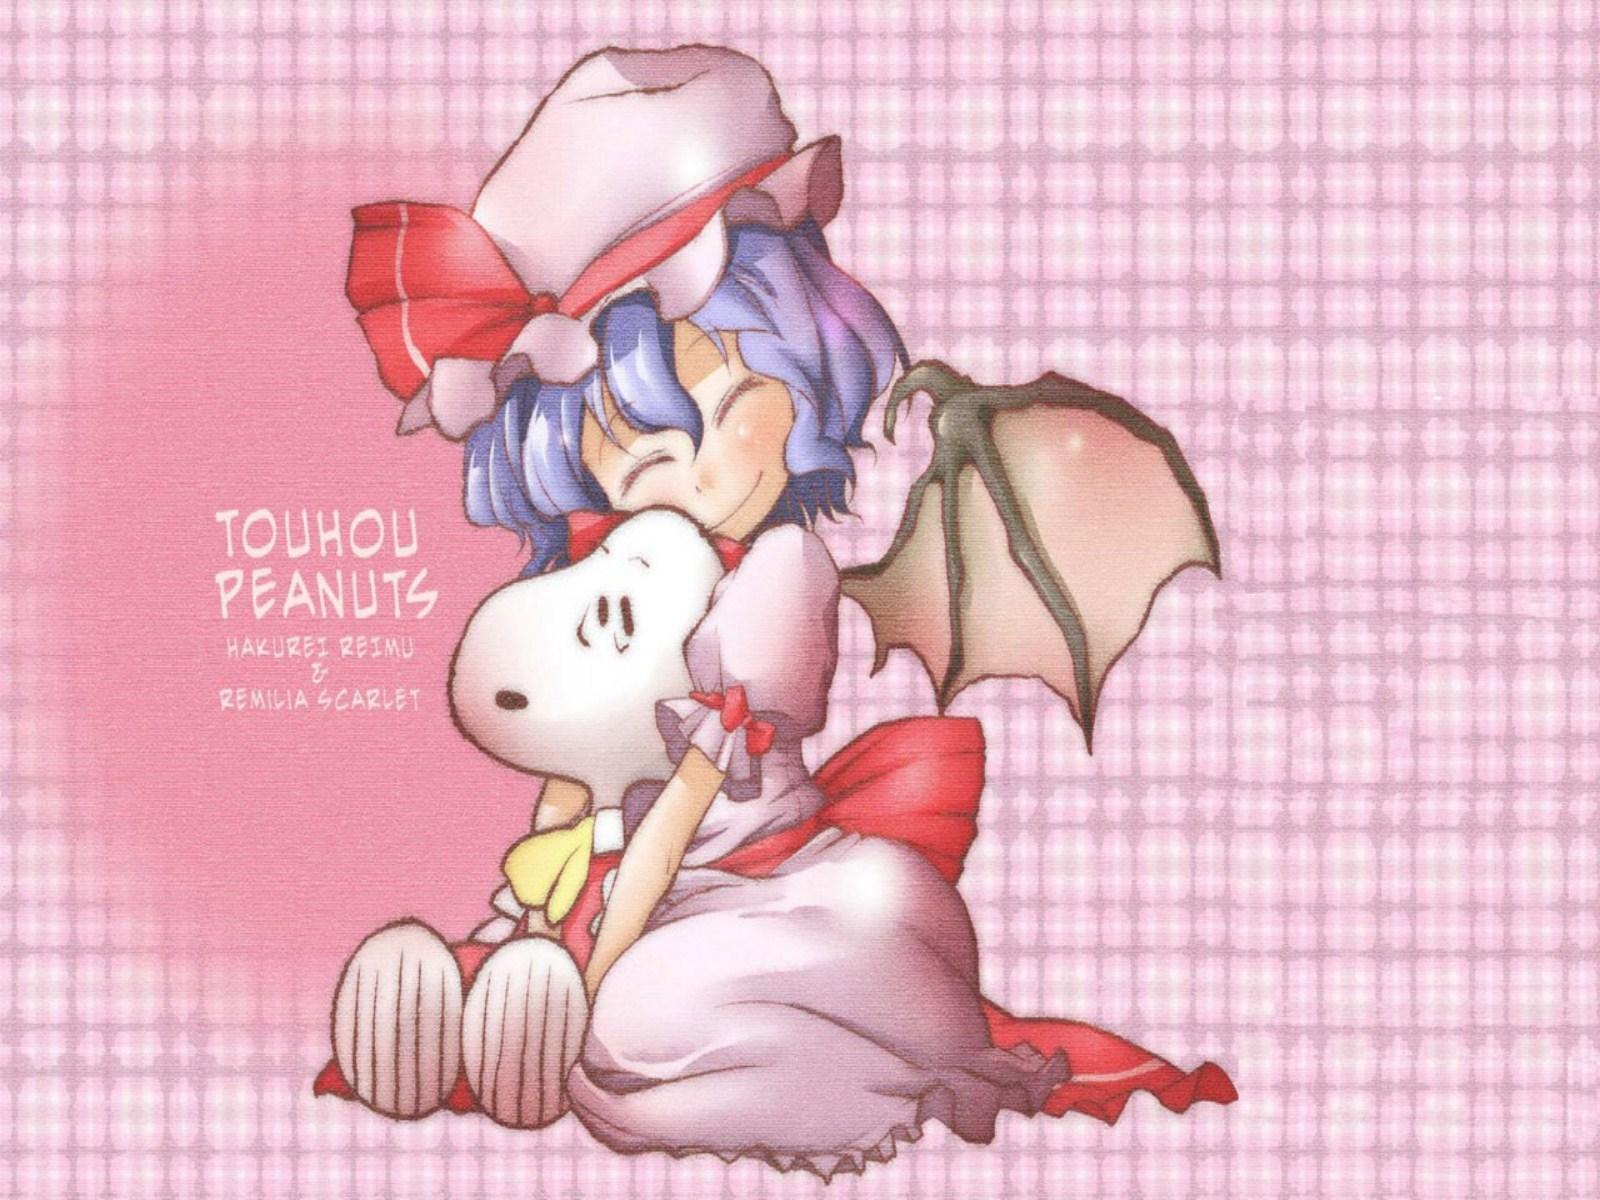 peanuts valentine wallpaper otherjpg 1600x1200